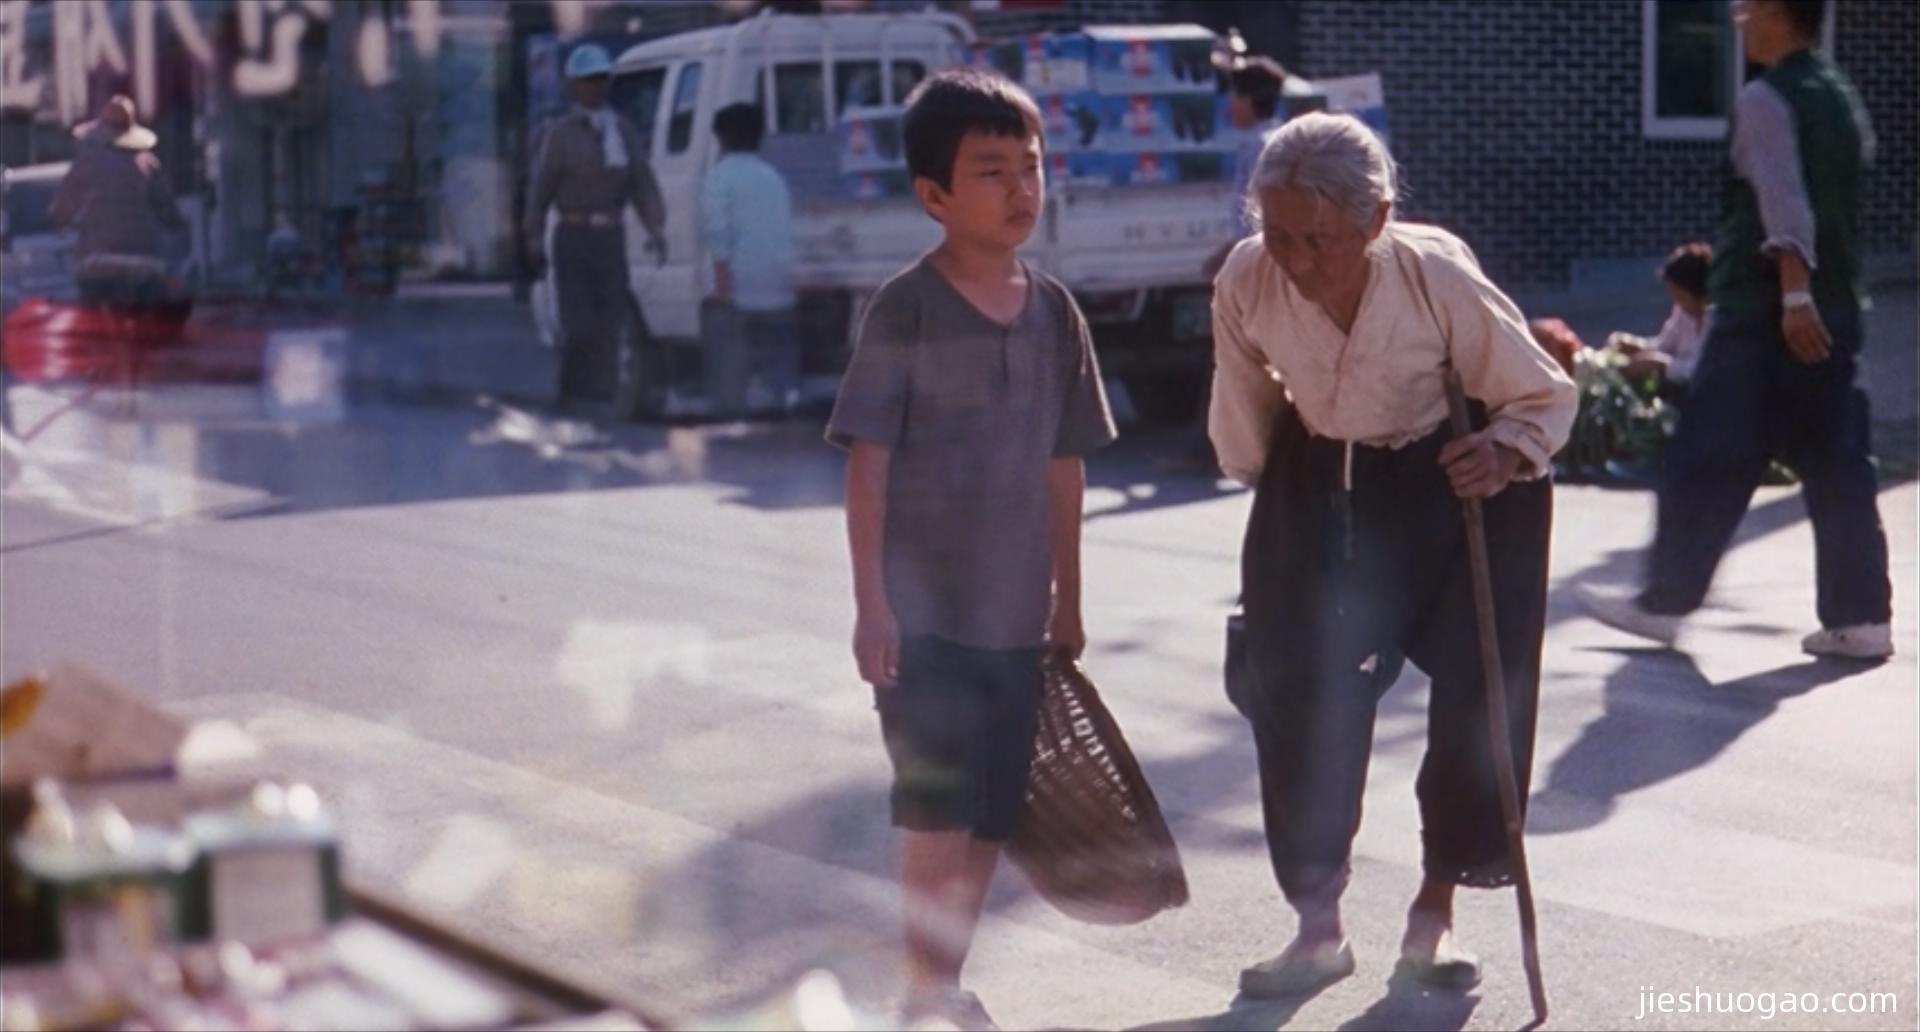 城里的孩子,乡下的外婆 |《外婆的家》8分钟2810字解说稿-第6张图片